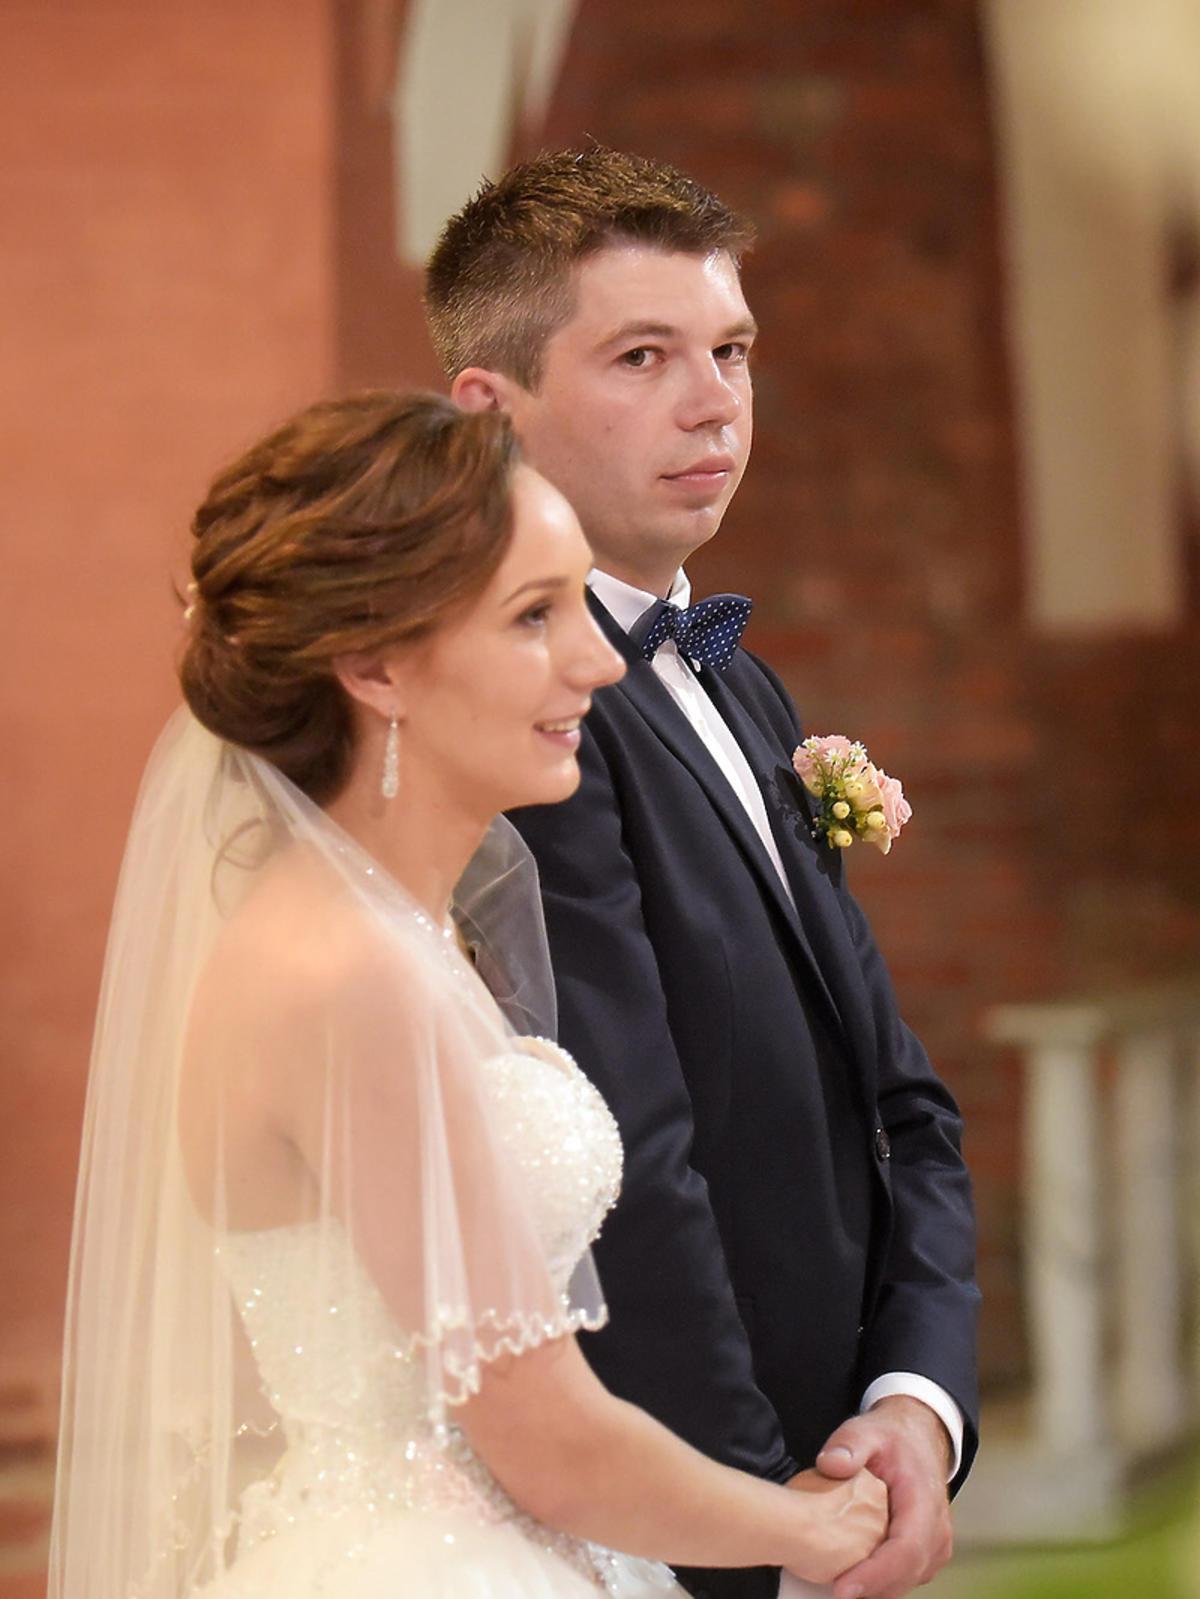 Ślub Pawła Szakiewicza - zdjęcia, kim jest żona?